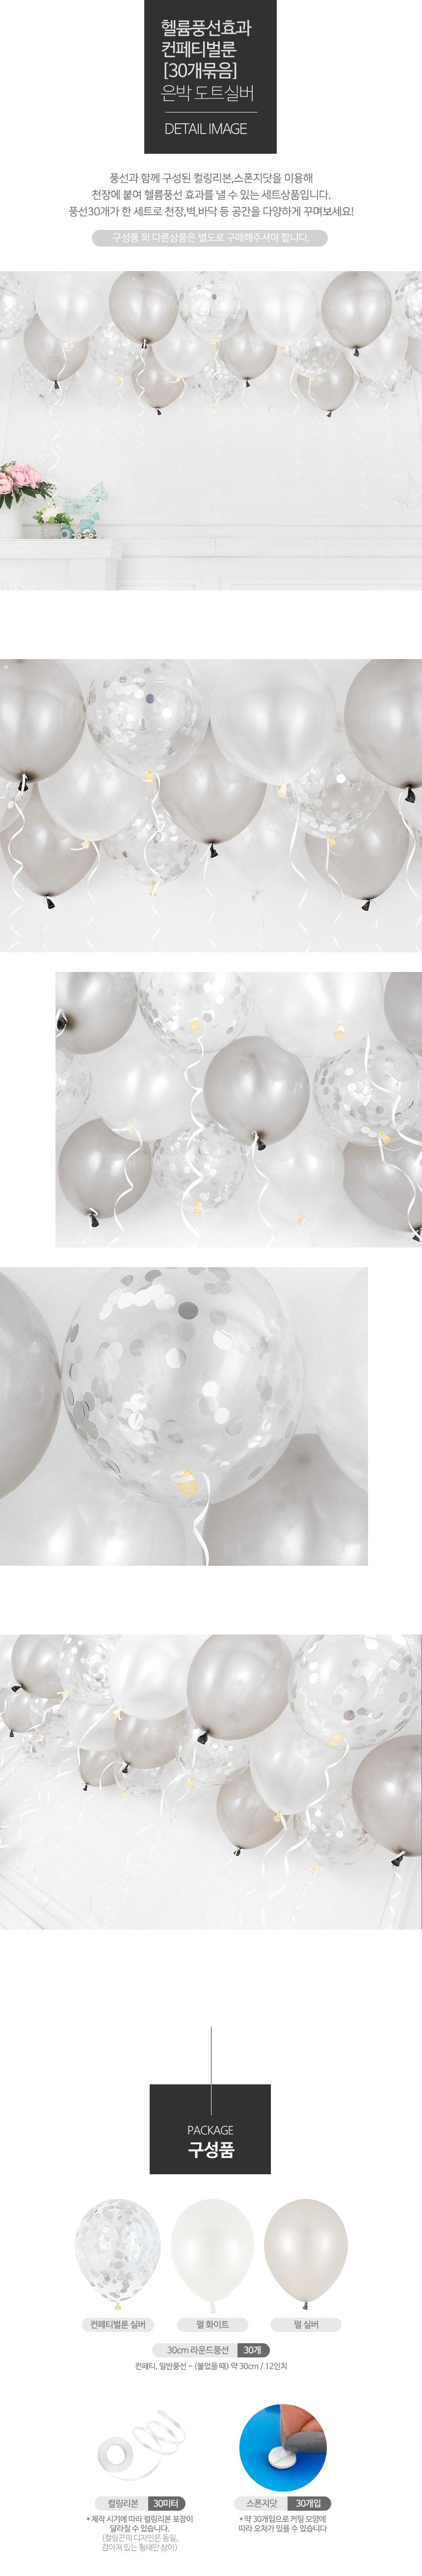 헬륨풍선효과 컨페티벌룬 은박 도트실버 [30개묶음] _partypang - 파티팡, 9,800원, 파티용품, 풍선/세트